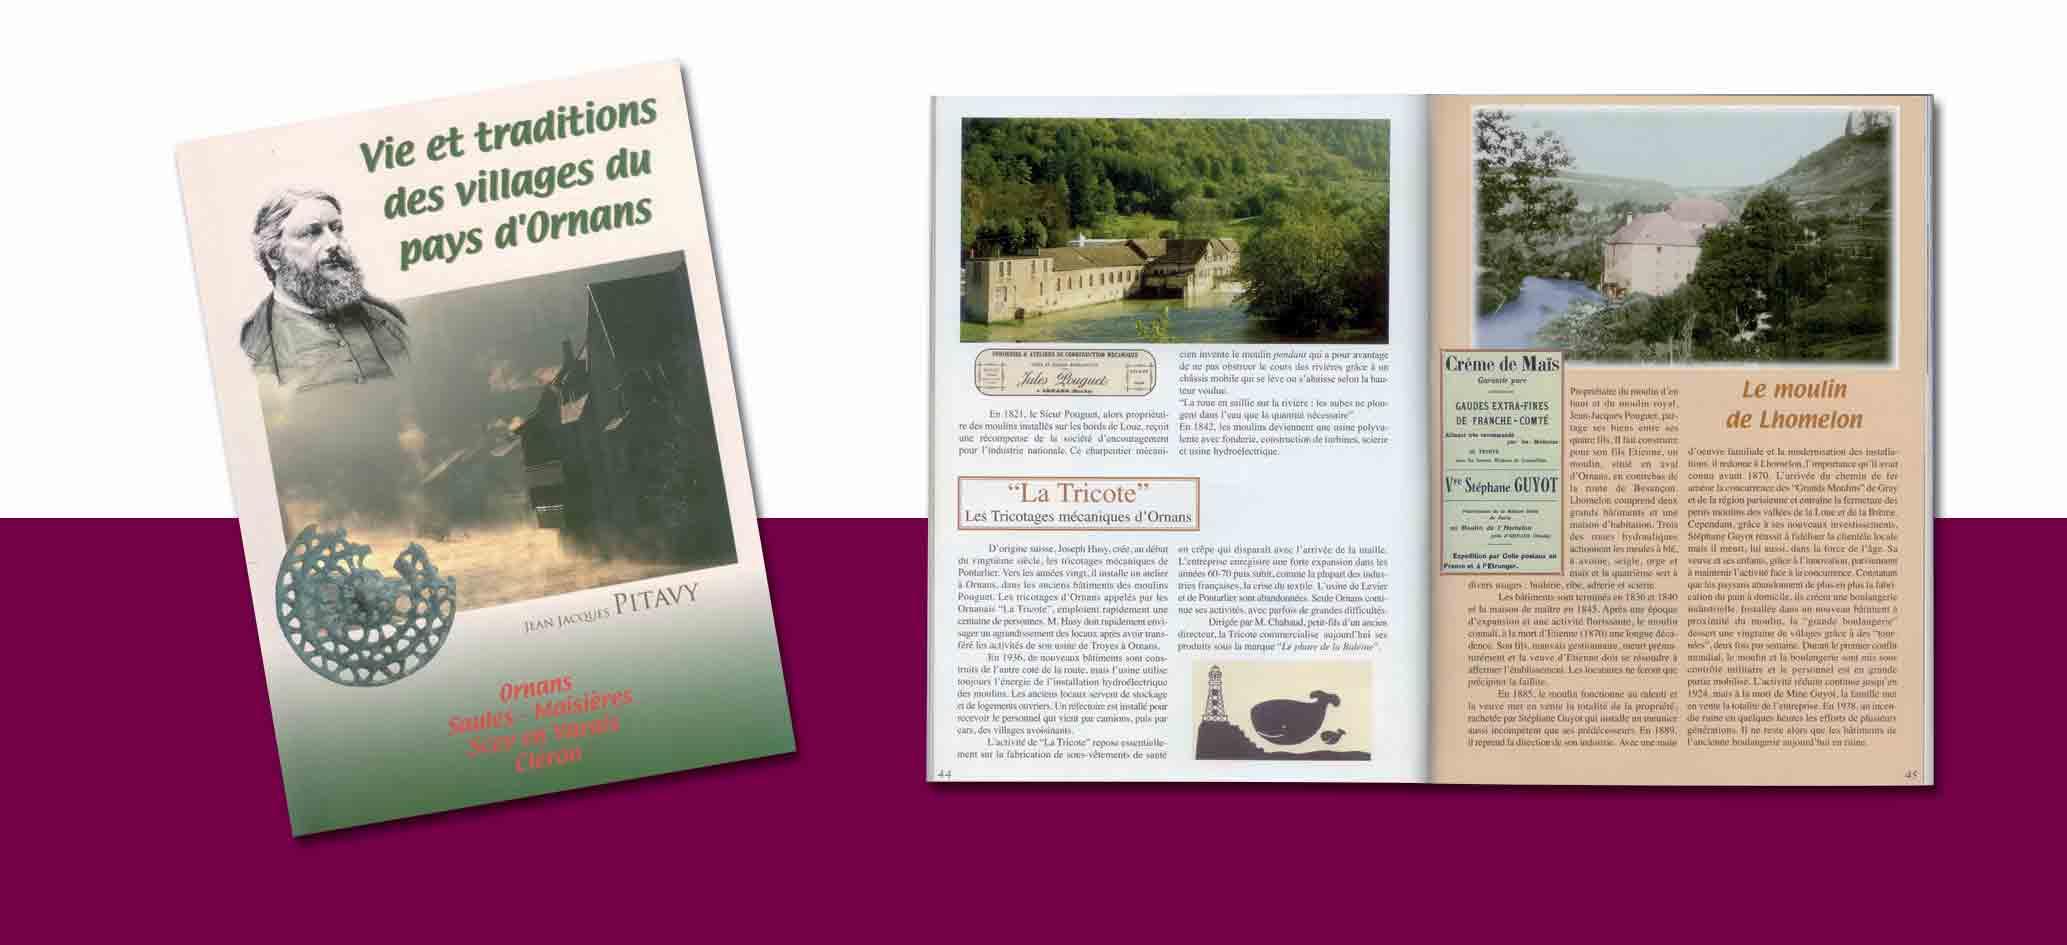 livres_pitavy.jpg - 71.61 Ko